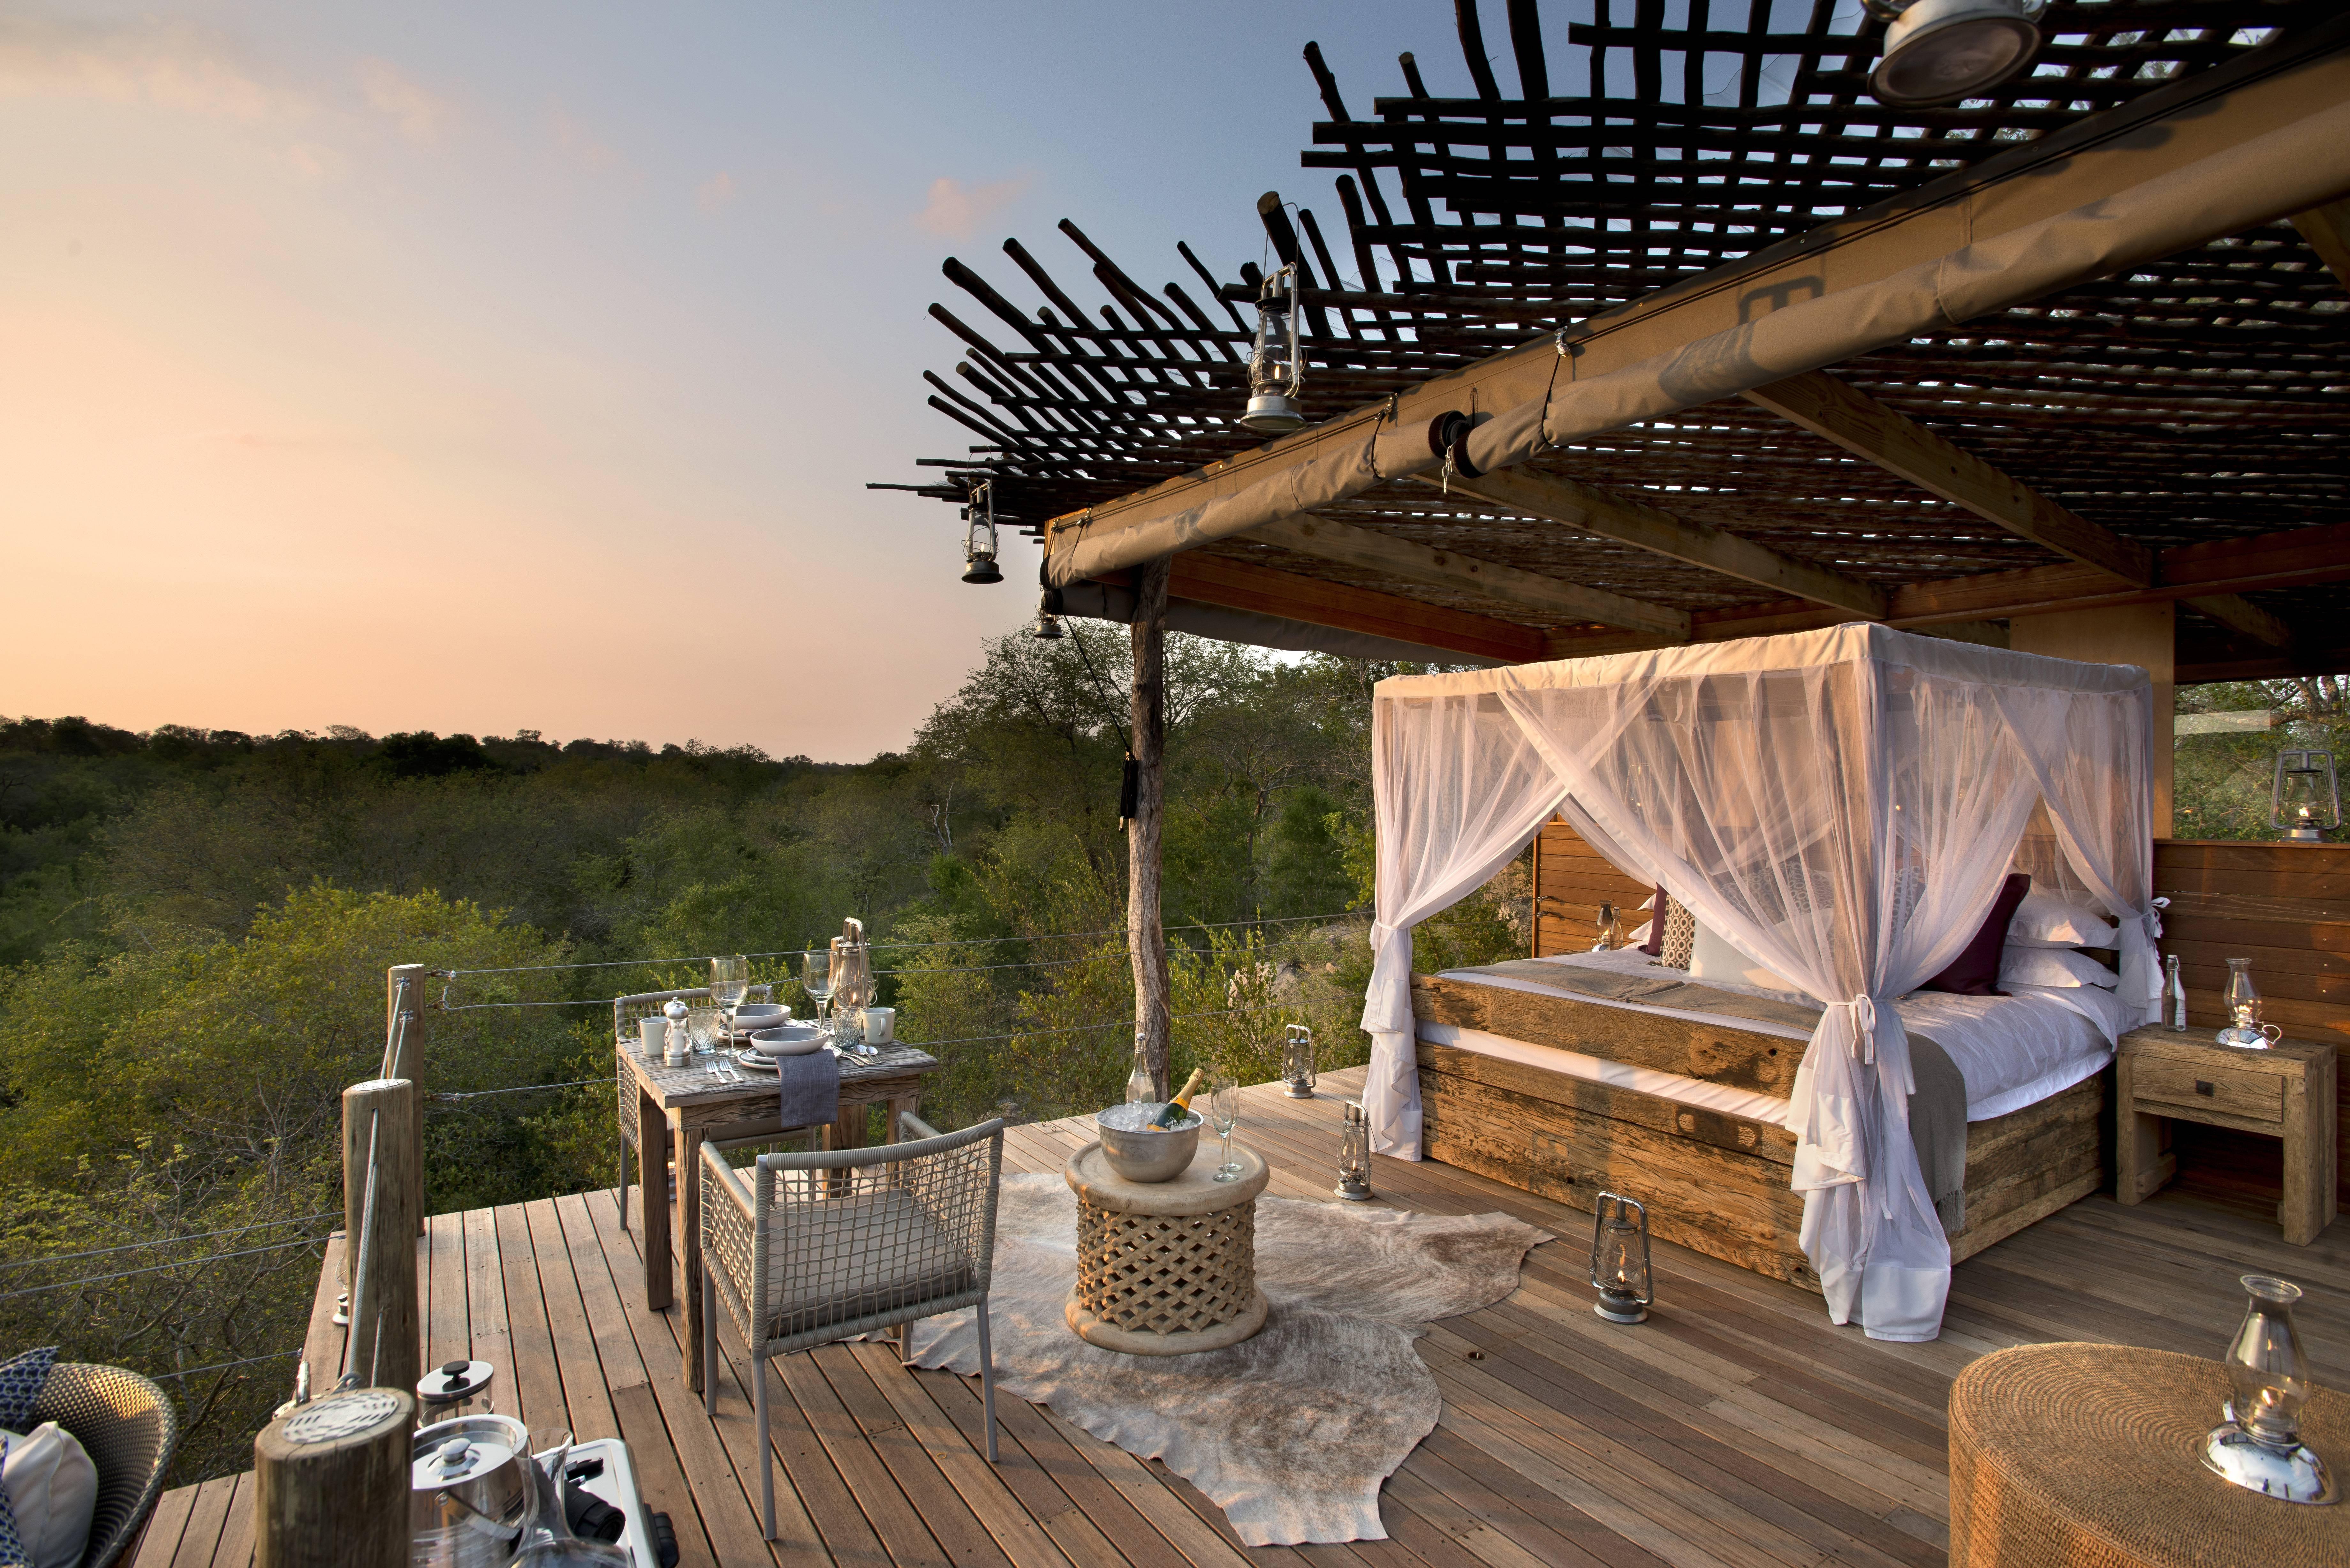 Godt Baggrunde : solnedgang, natur, seng, hus, stearinlys, Hotel MA13